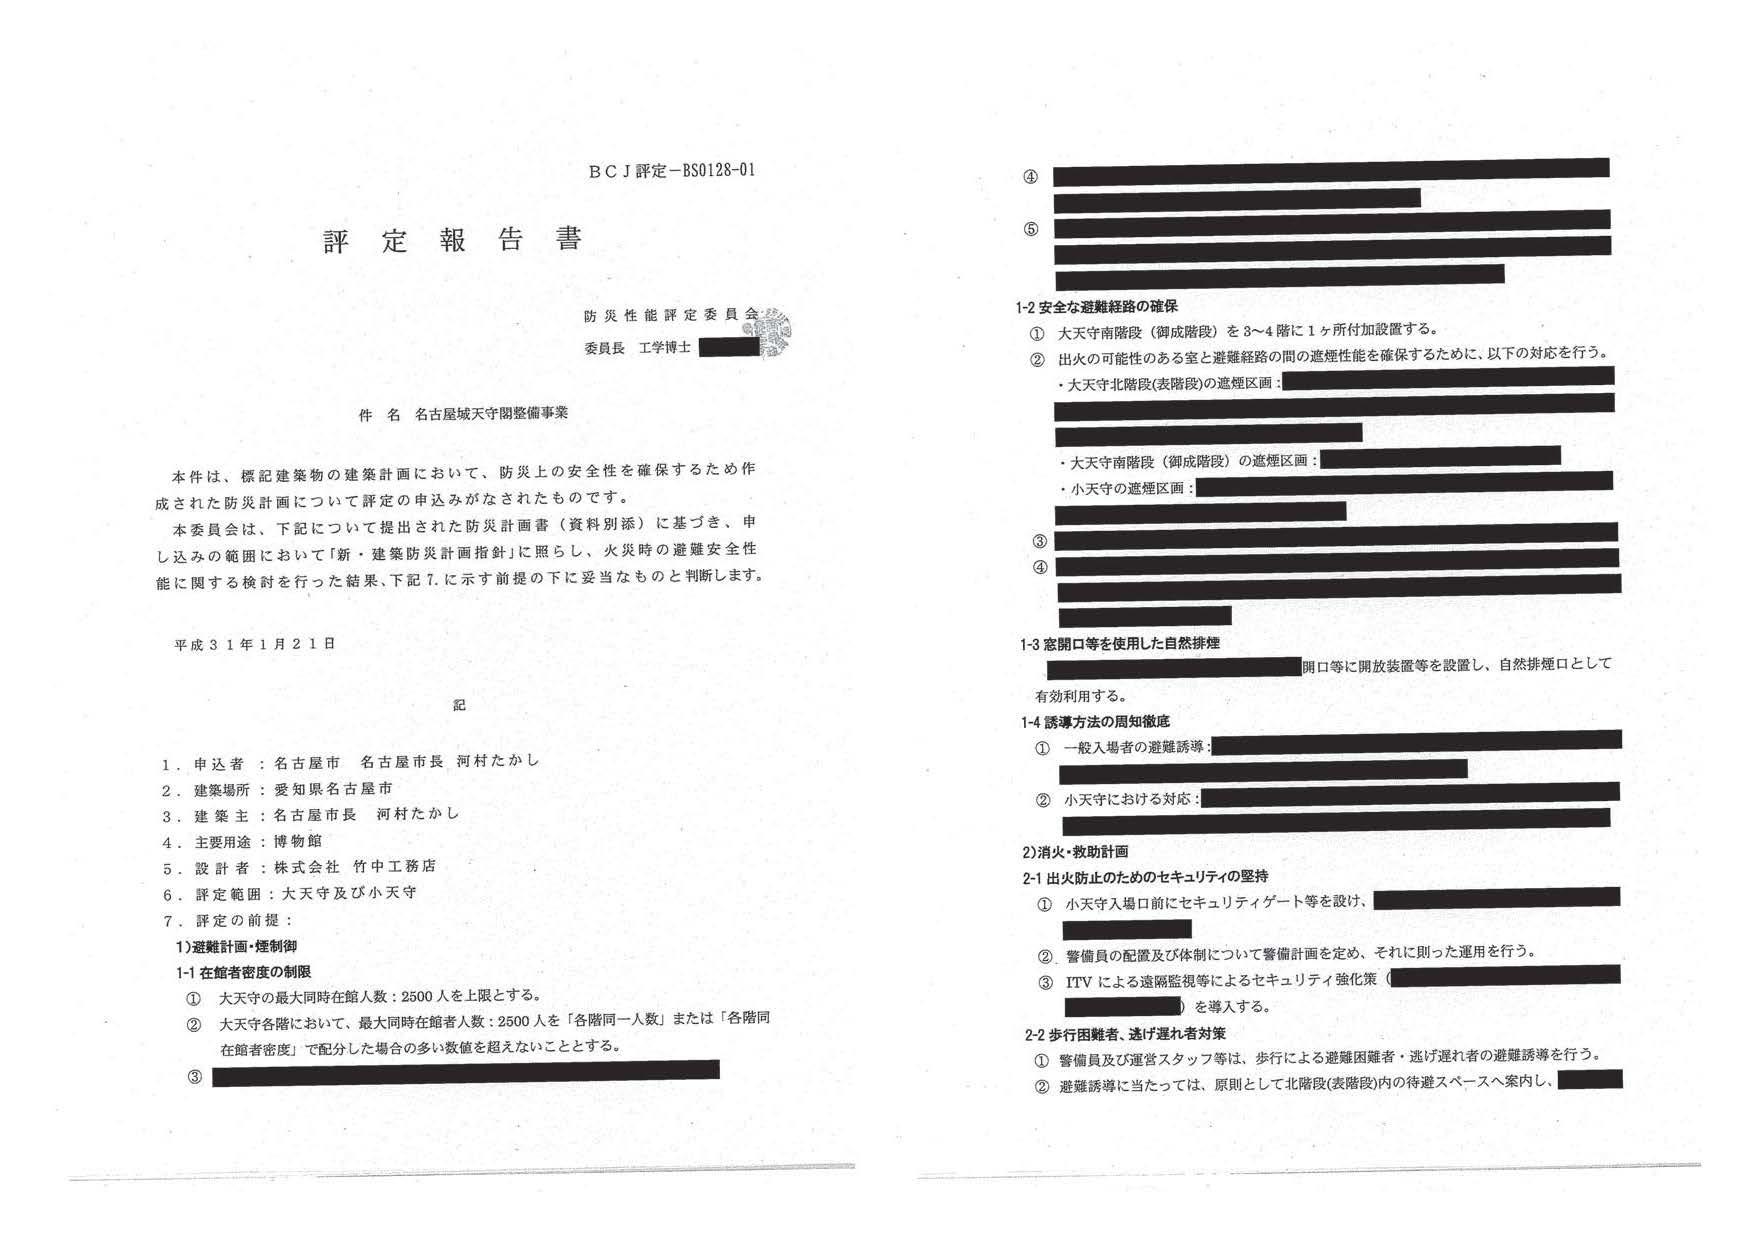 名古屋城木造復元 防災評定書+根拠資料はほぼ非公開  _d0011701_17180144.jpg